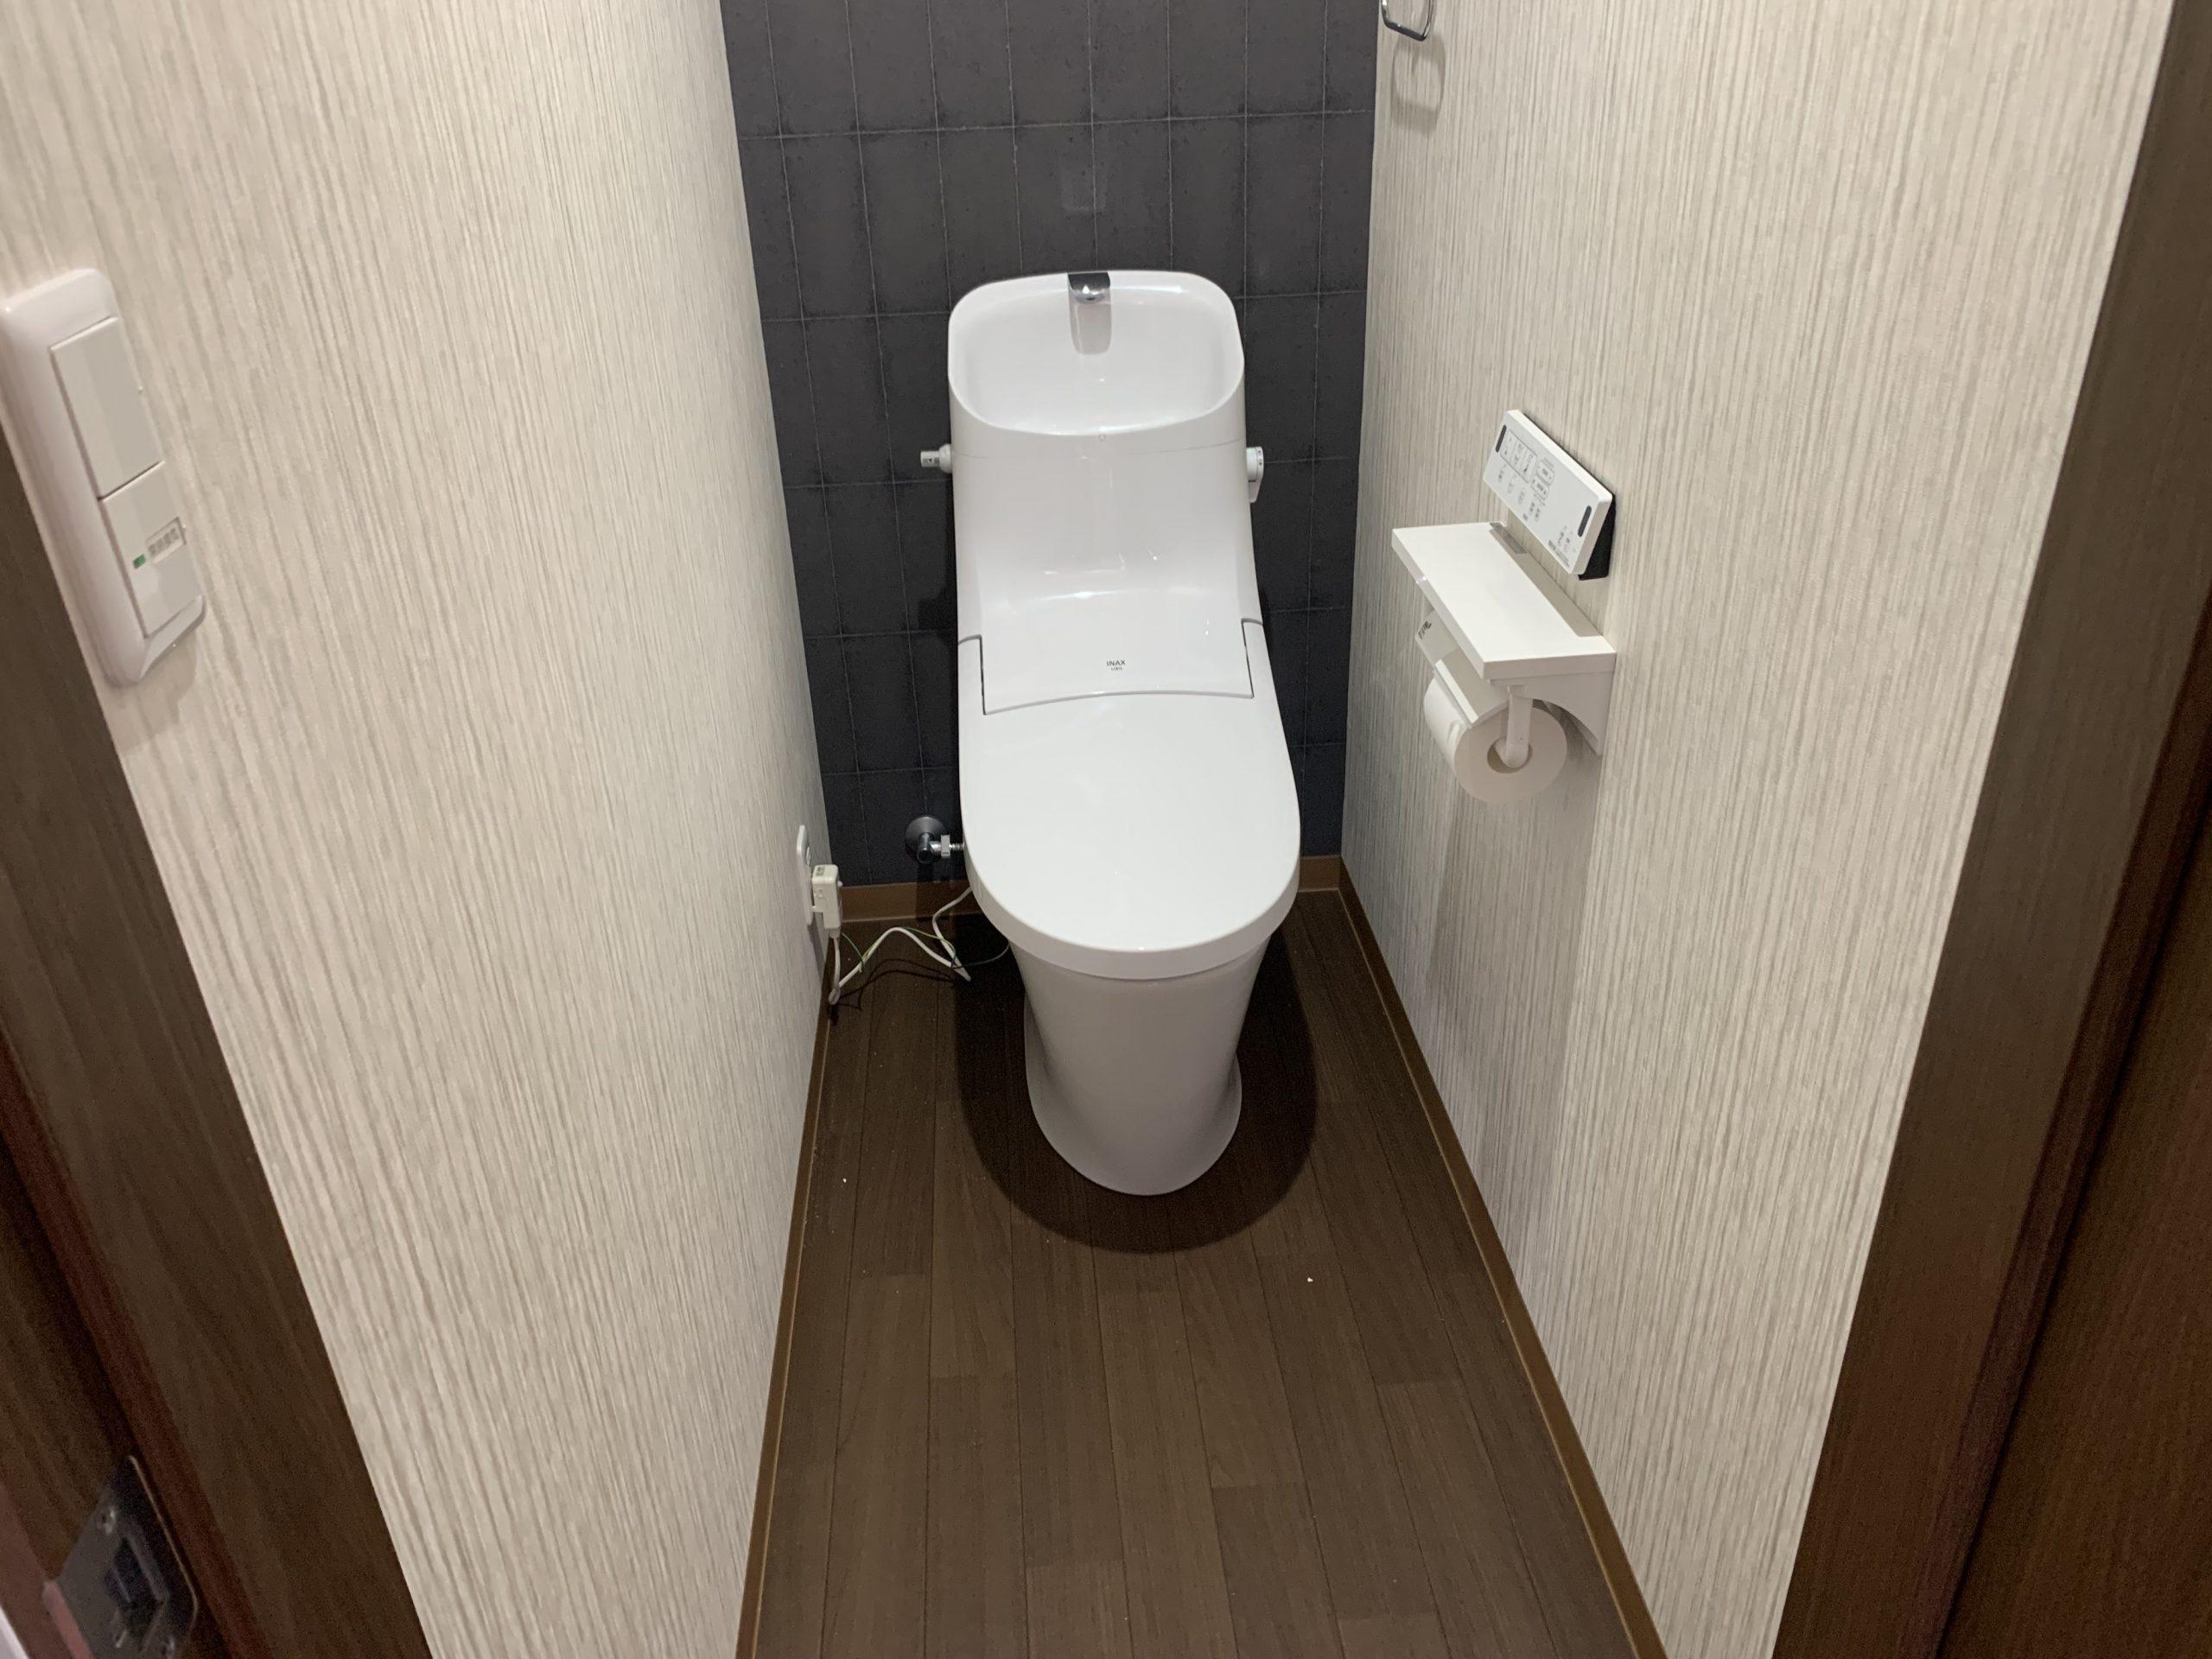 【過去現場ご紹介】高知市/K様邸三階改修リノベーション工事/水廻りbeforeAfter/トイレ/工事後